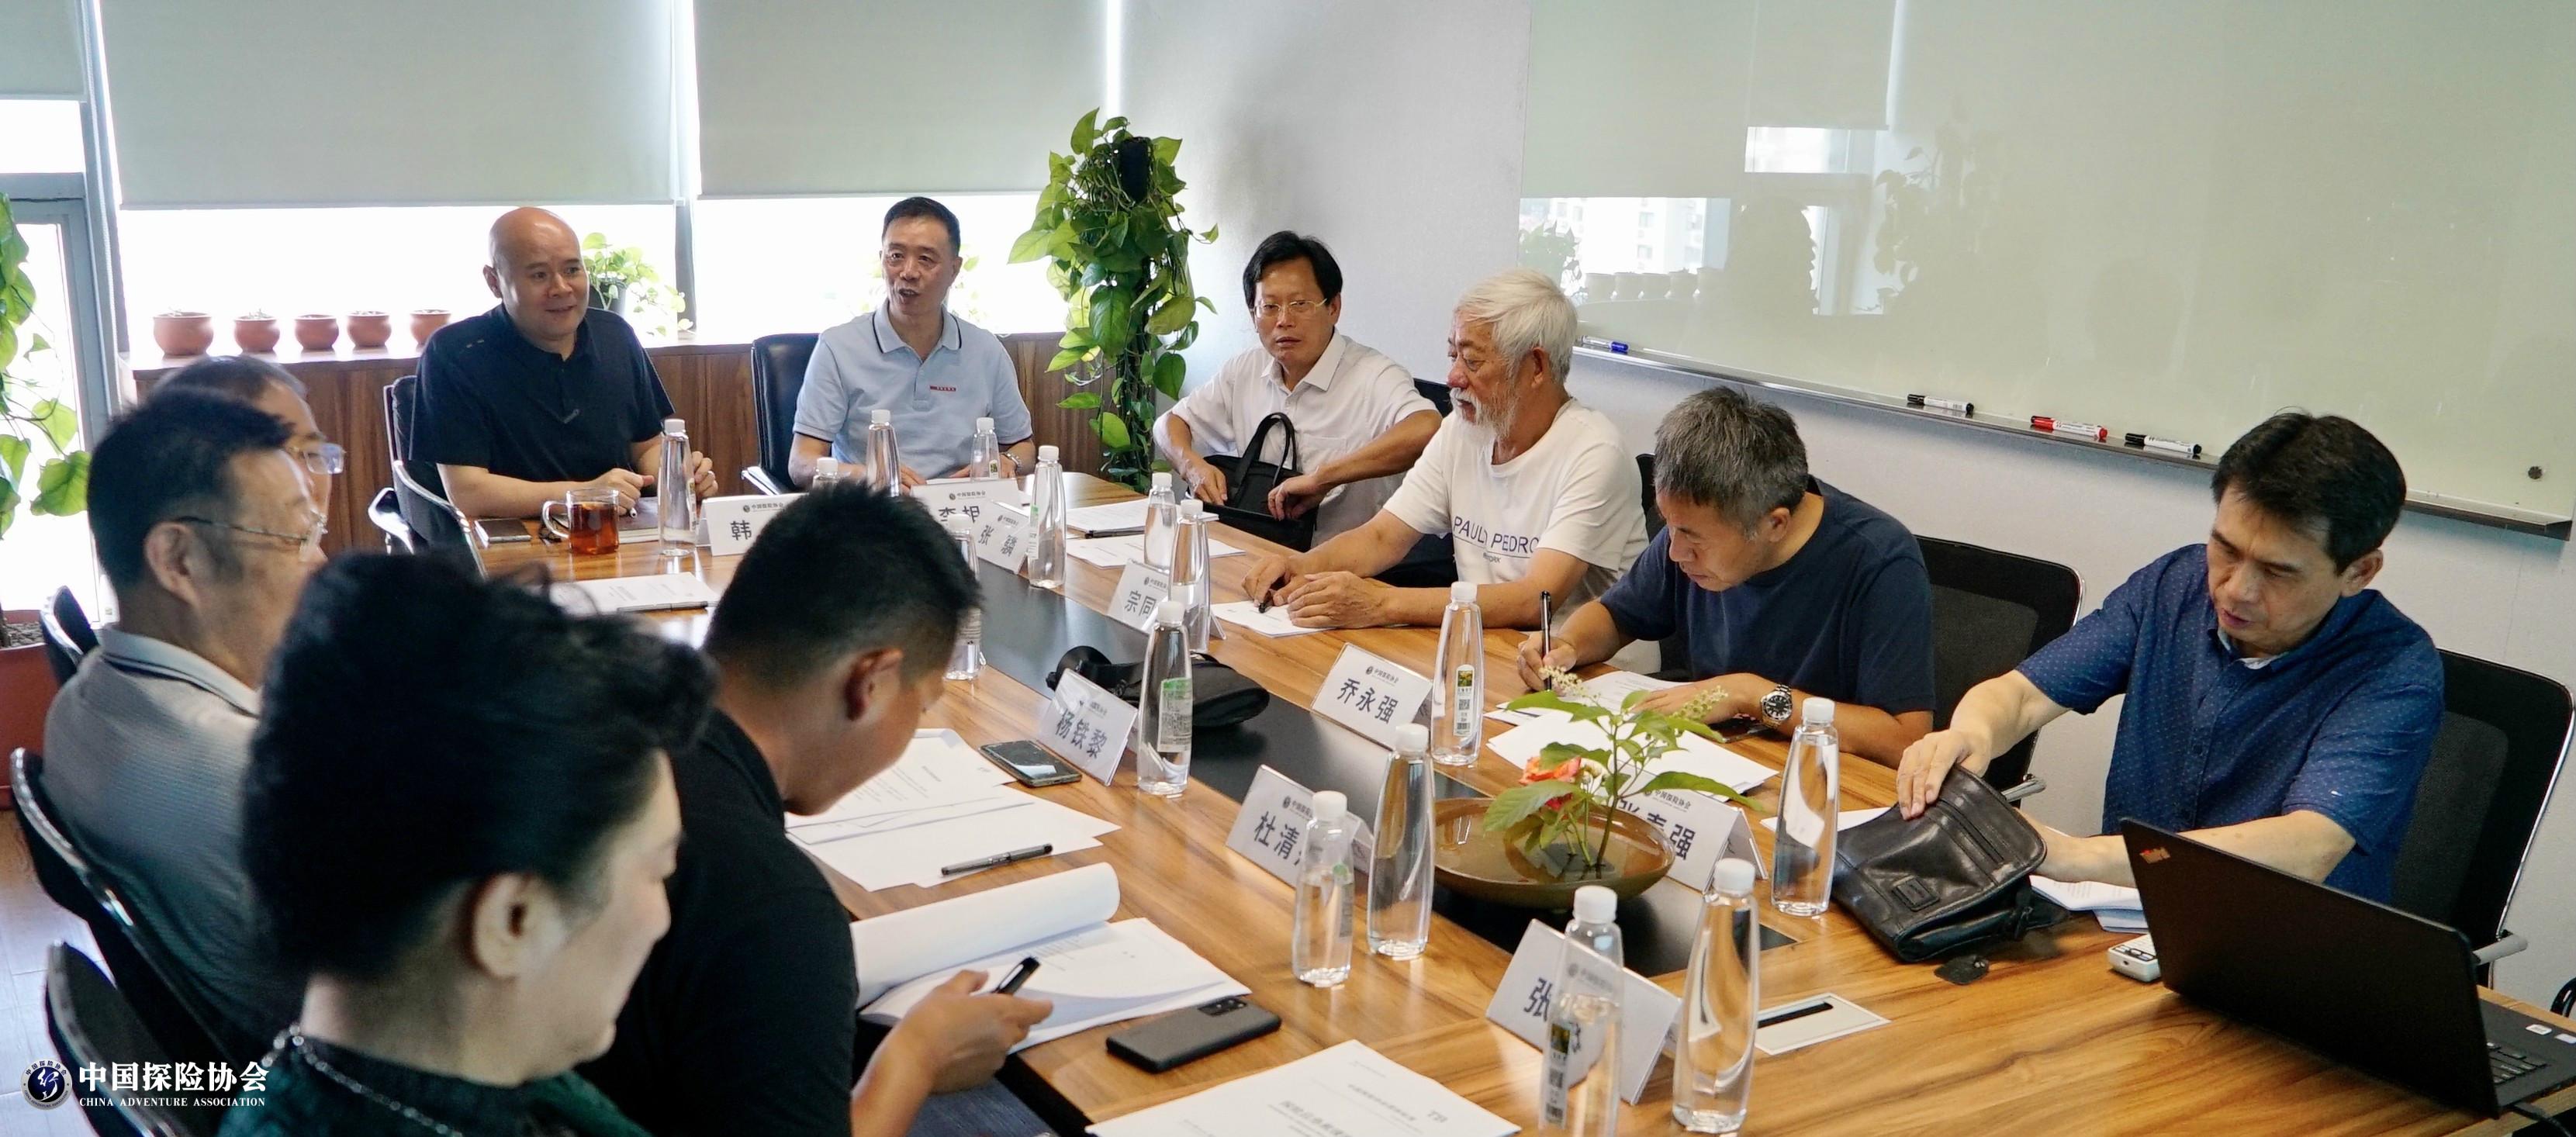 中国探险协会召开《探险者行为准则》《探险应急救援指南》 两项团队标准评审会